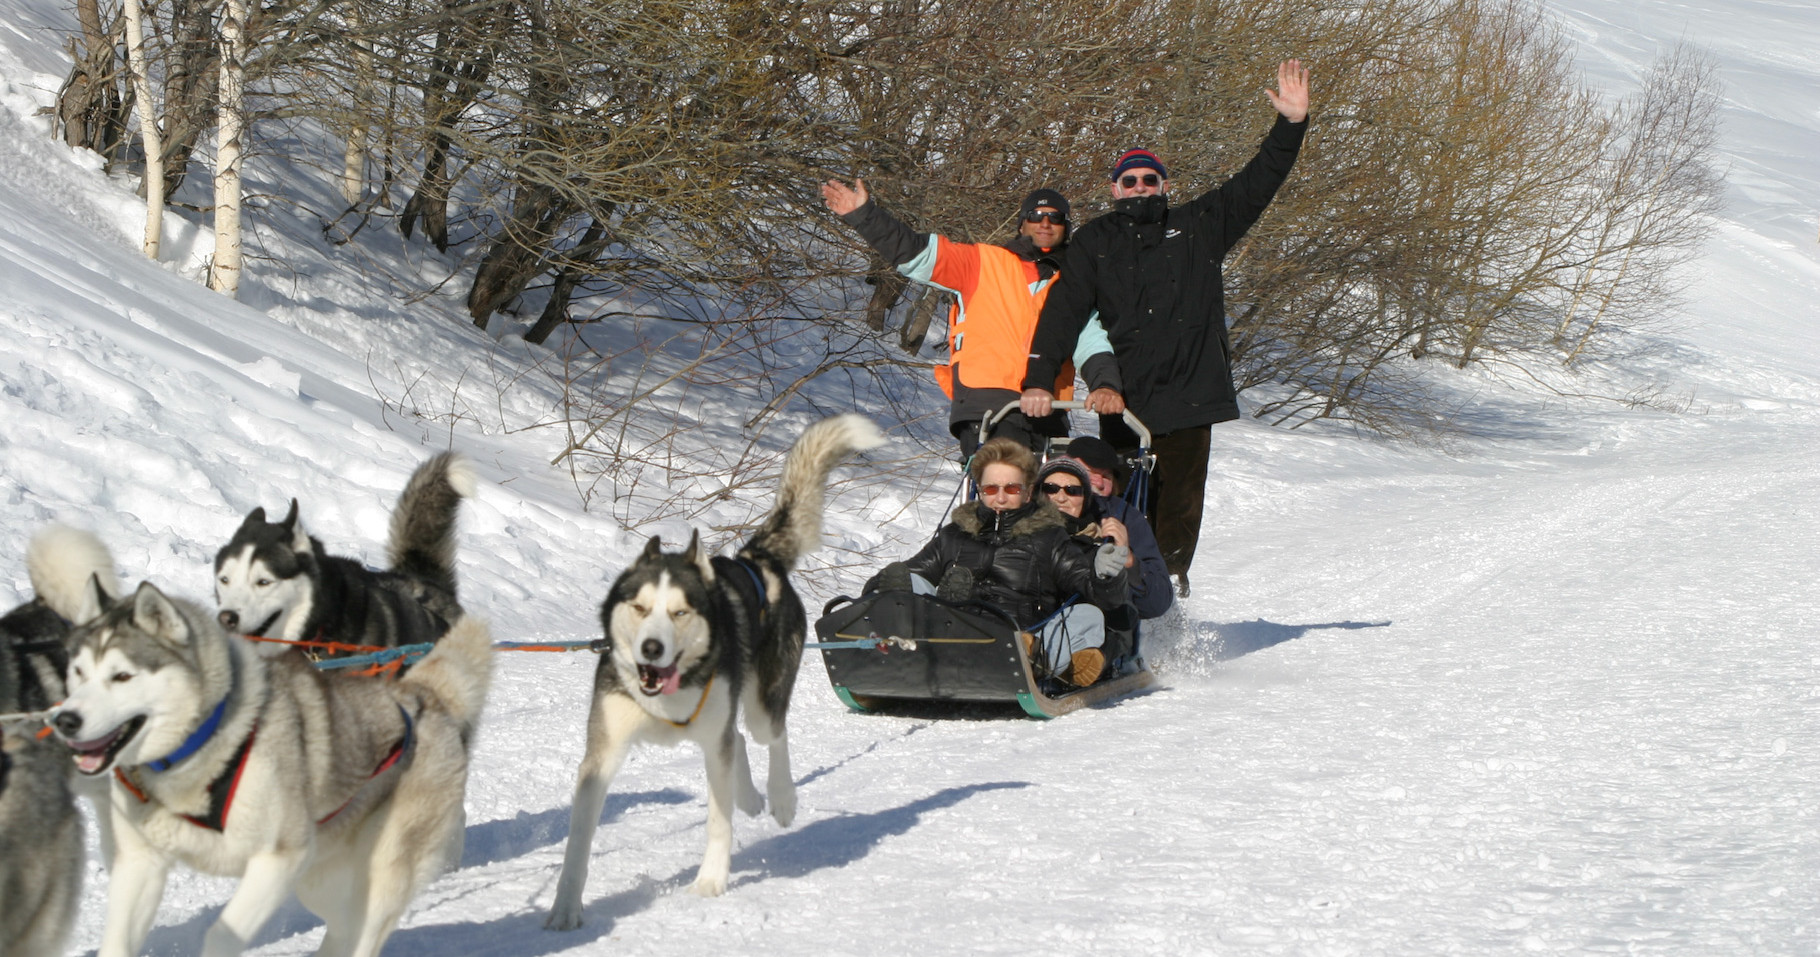 Chalet à louer au Québec | face au lac | 4 saisons Le Cocooning L'Ascension | Promenade traineau à chien